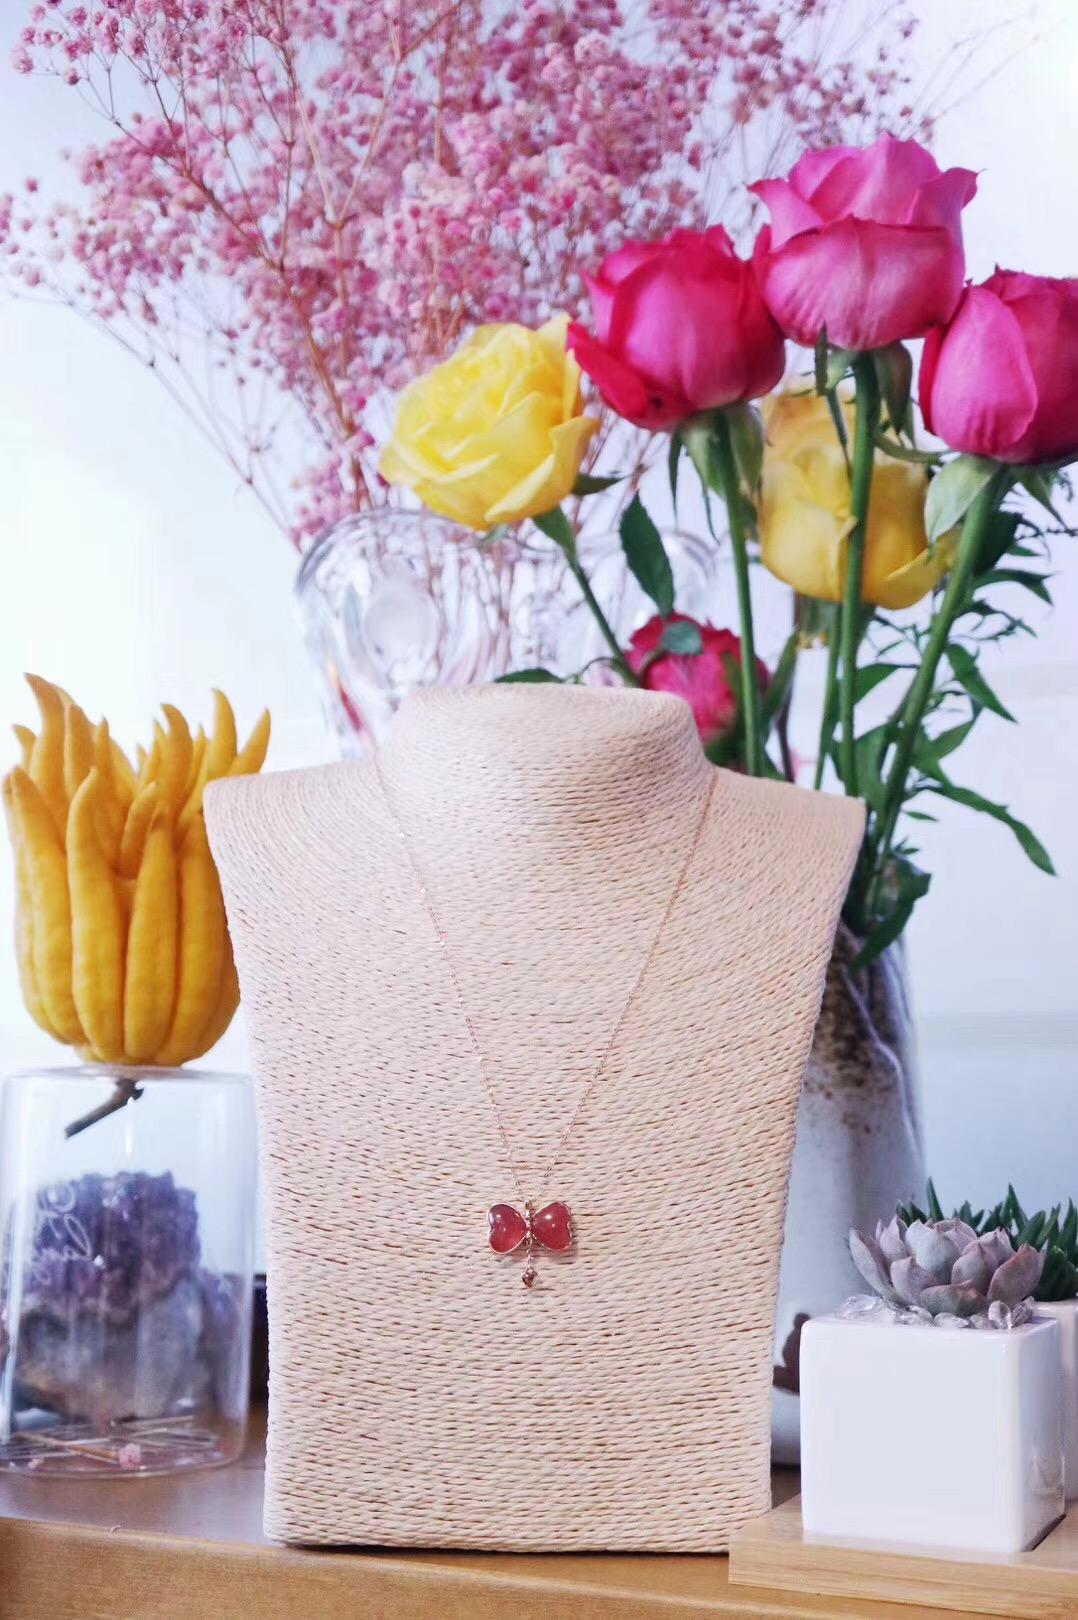 【菩心-红纹石】两款各有姿色的红纹石,在此寒冬,倍感温馨。-菩心晶舍